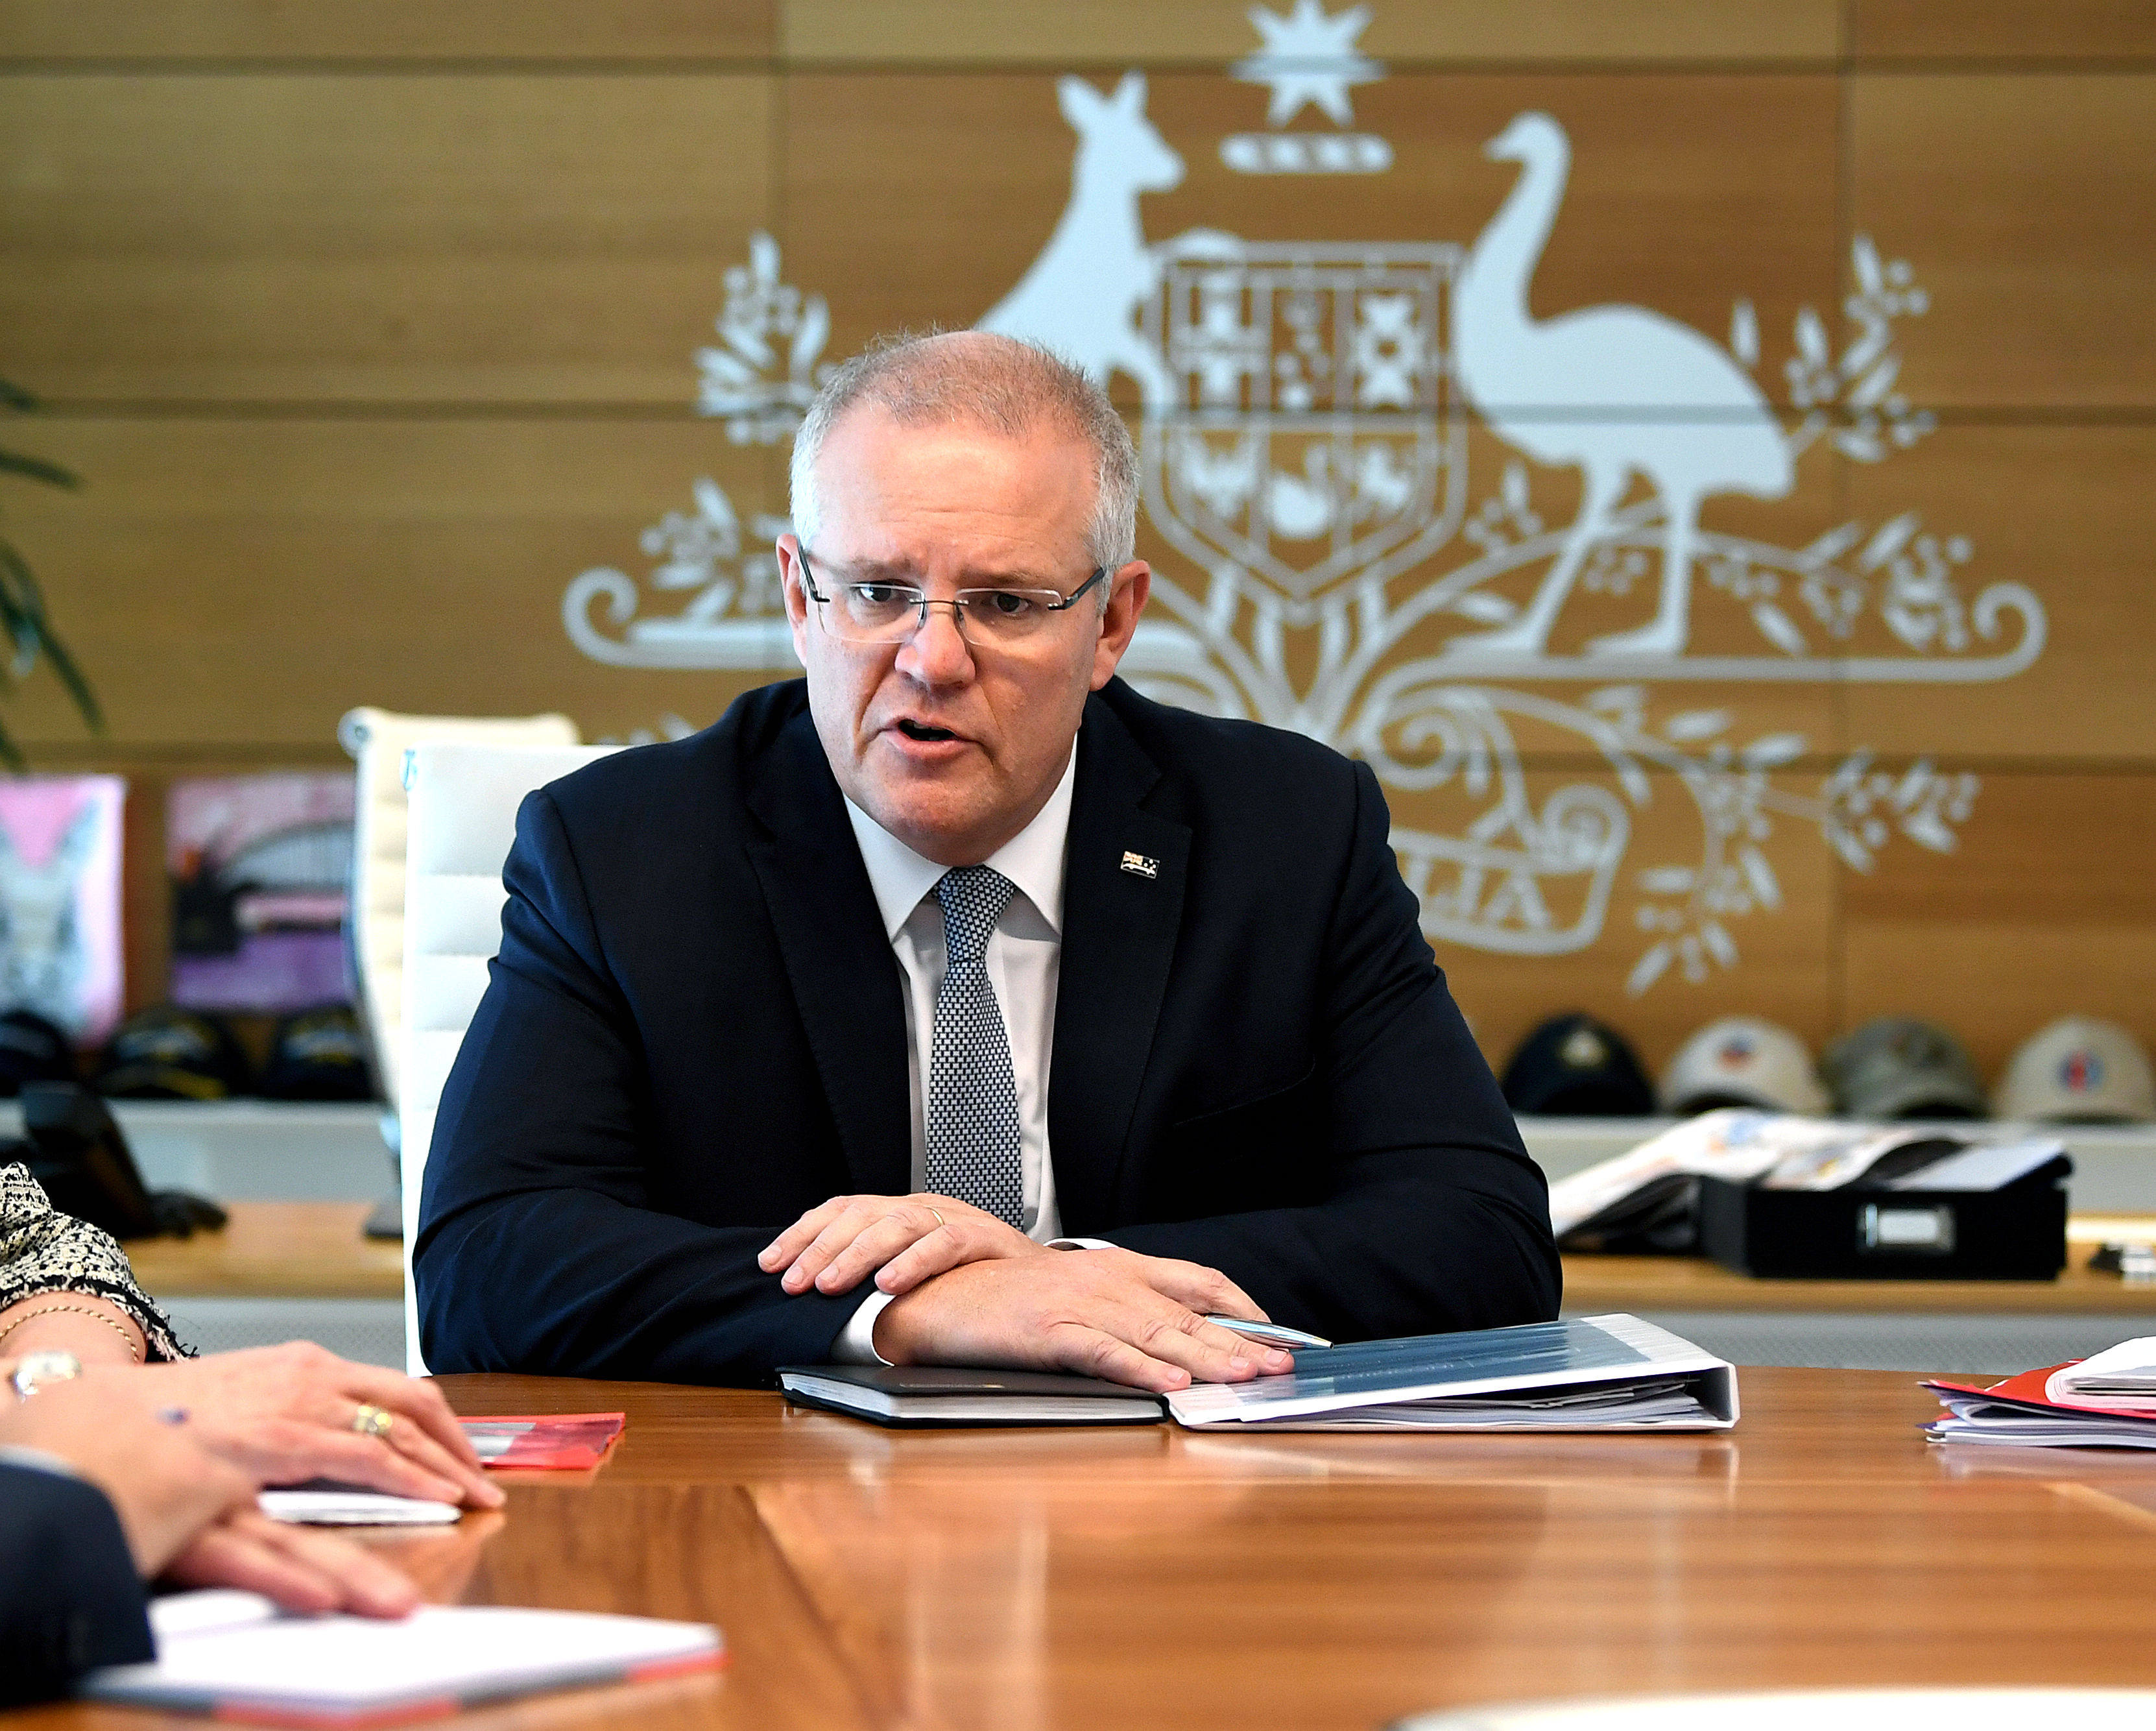 5月18日澳洲聯邦大選,贏得連任的總理莫里森。 (AAP Image/Joel Carrett)